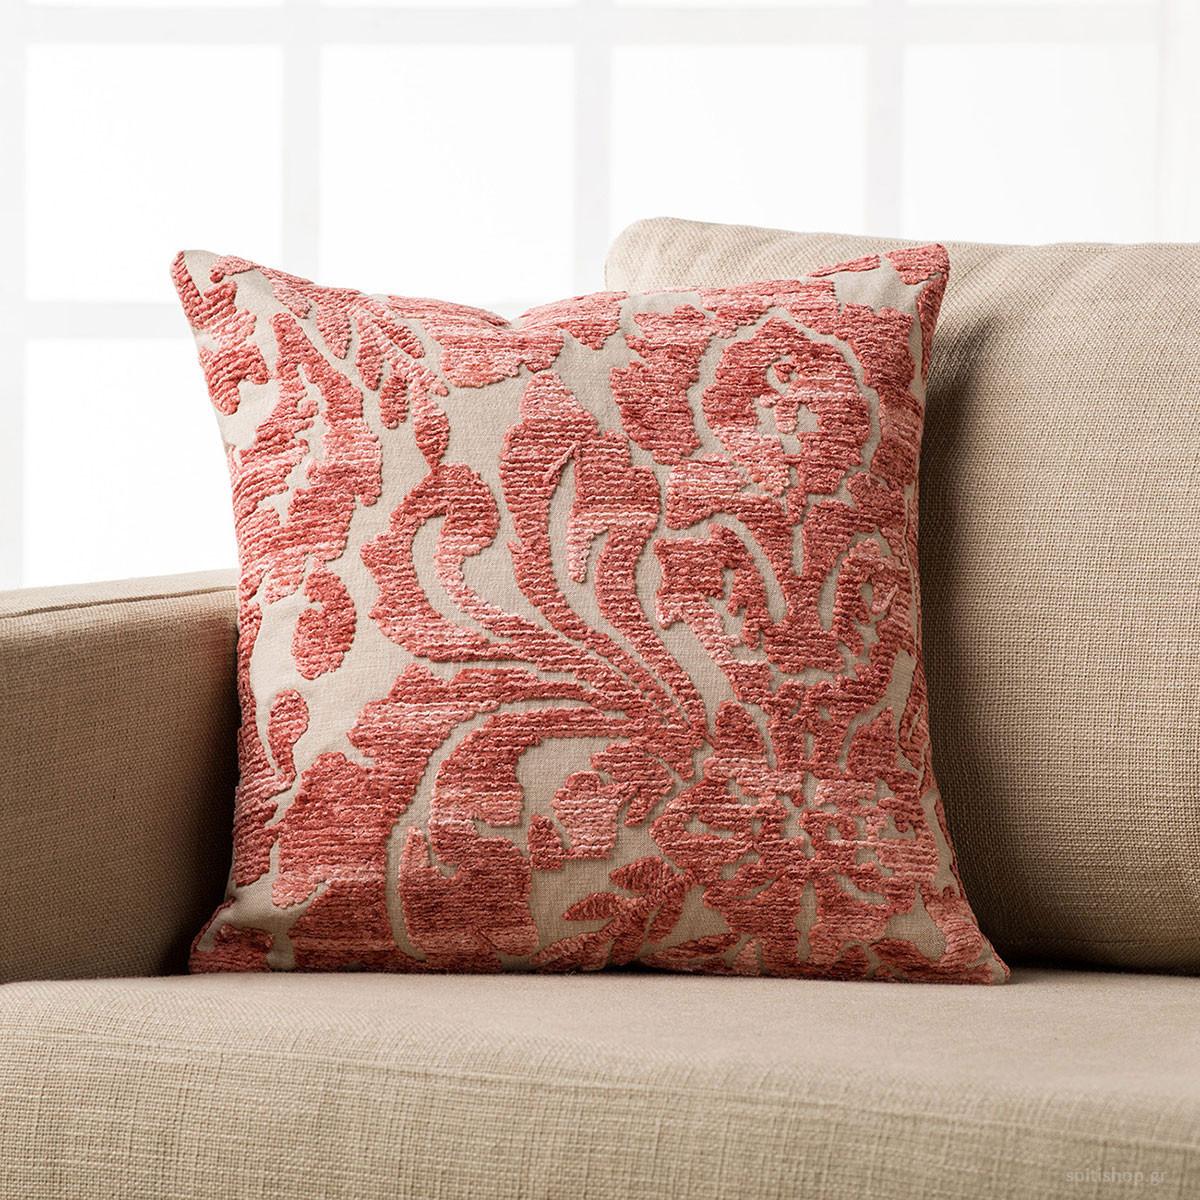 Διακοσμητική Μαξιλαροθήκη Gofis Home Palm Pink 621/17